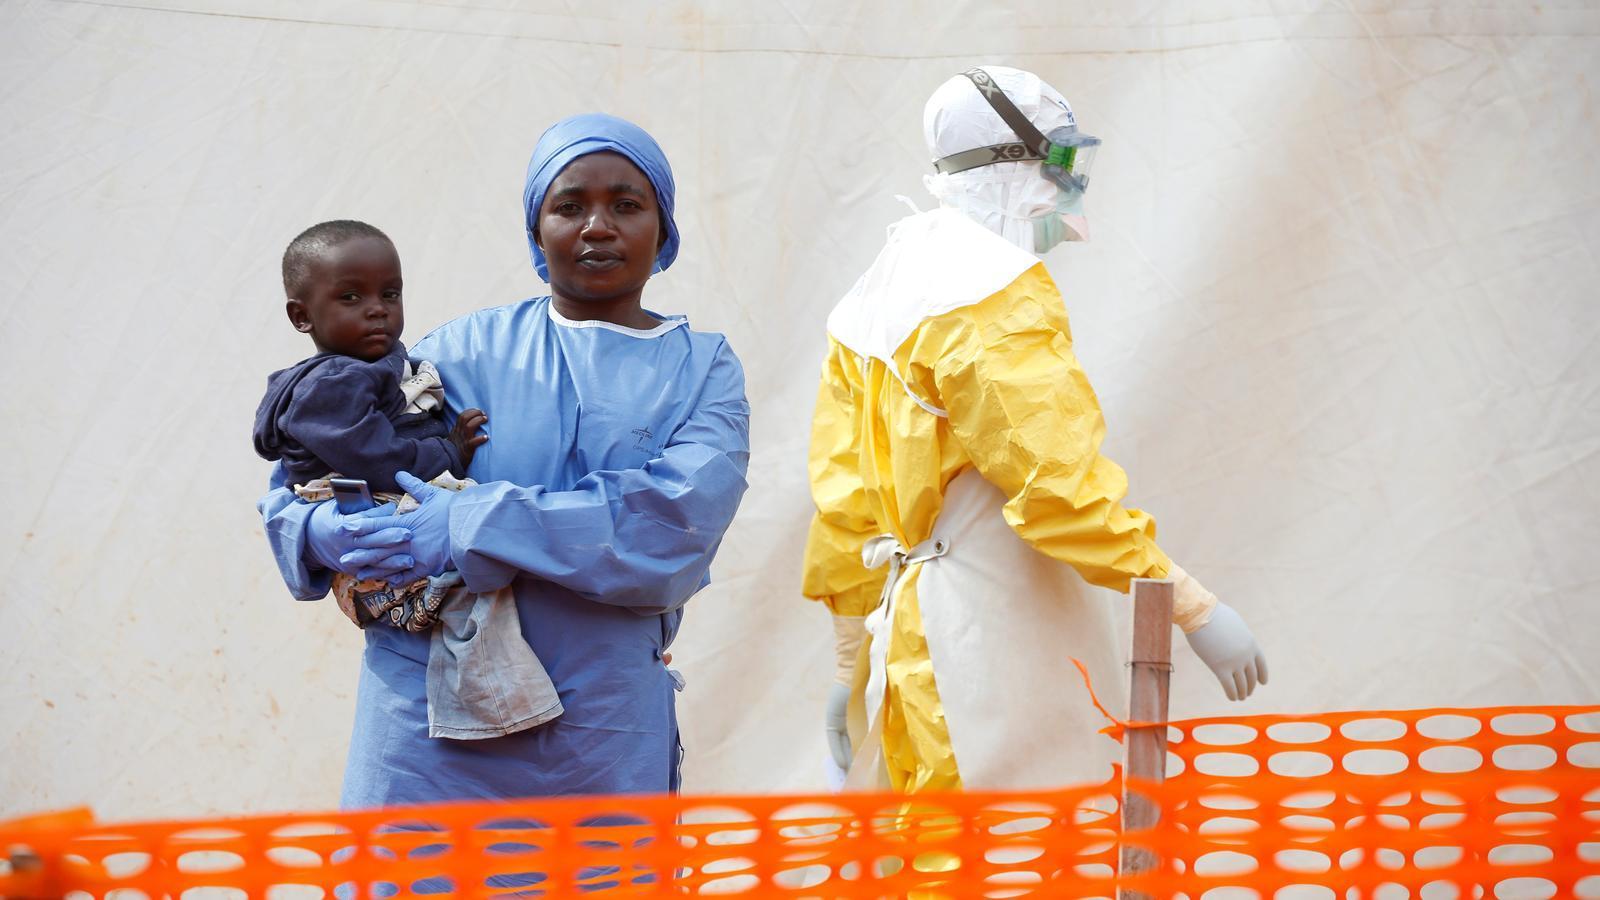 Mwamini Kamindo, una supervivent de l'Ebola, atenent  un nen malalt com a sanitària en un centre de Butembo, en una imatge d'arxiu